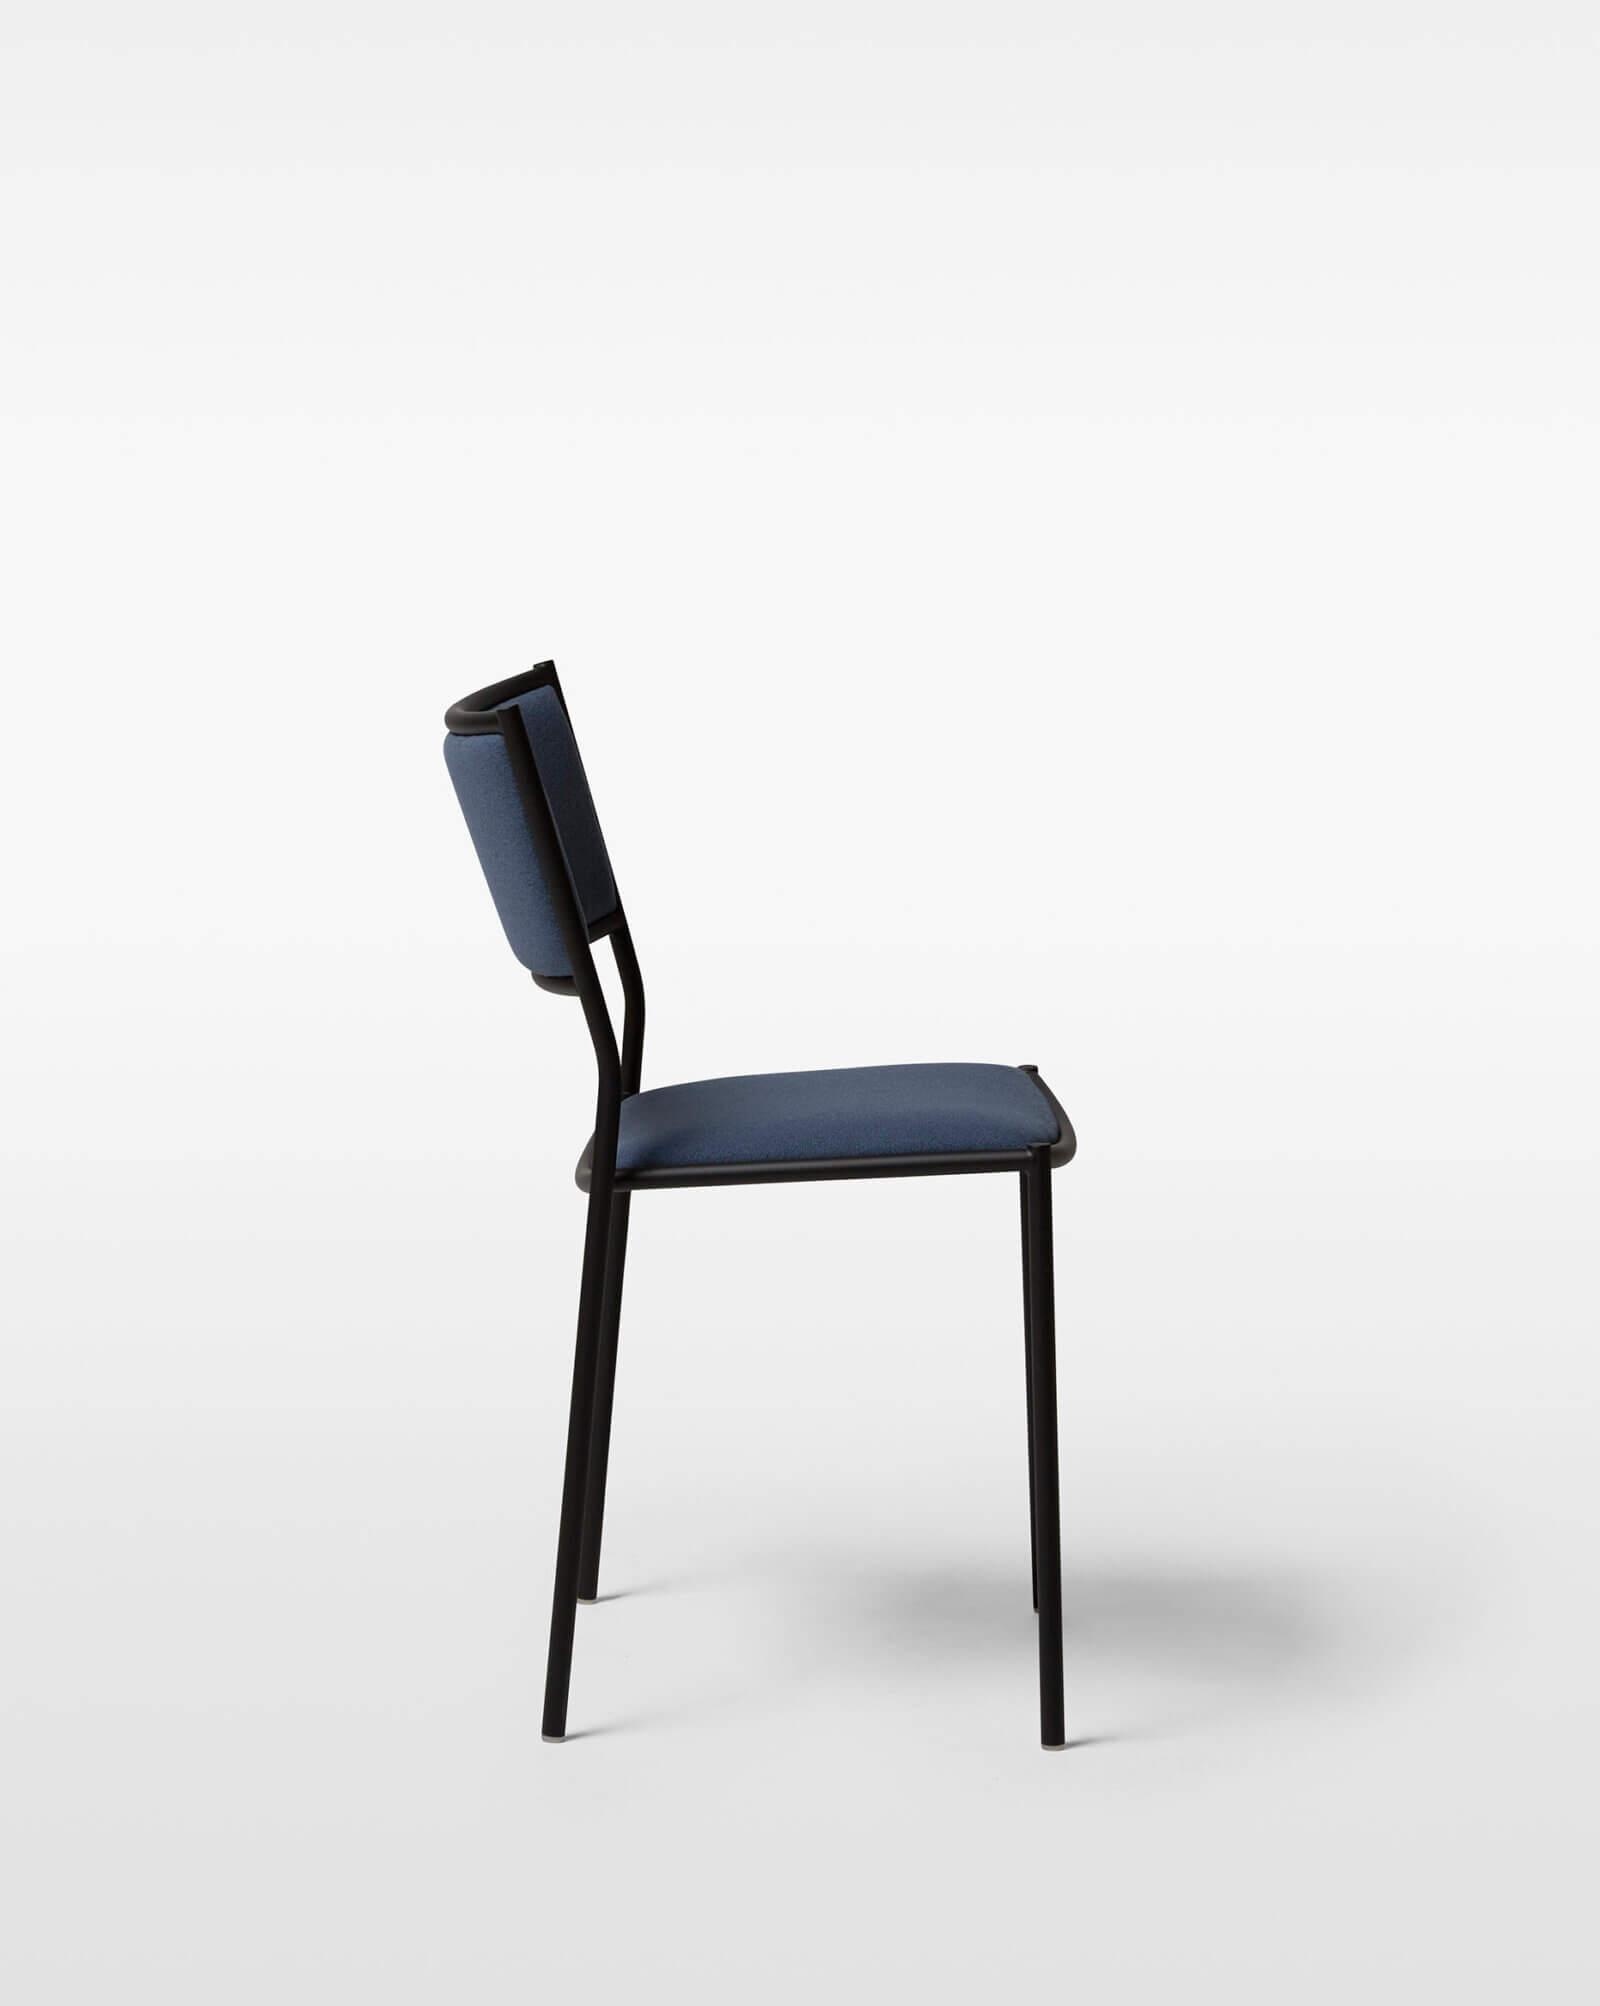 TinnappleMetz-massproductions-jig-chair-02